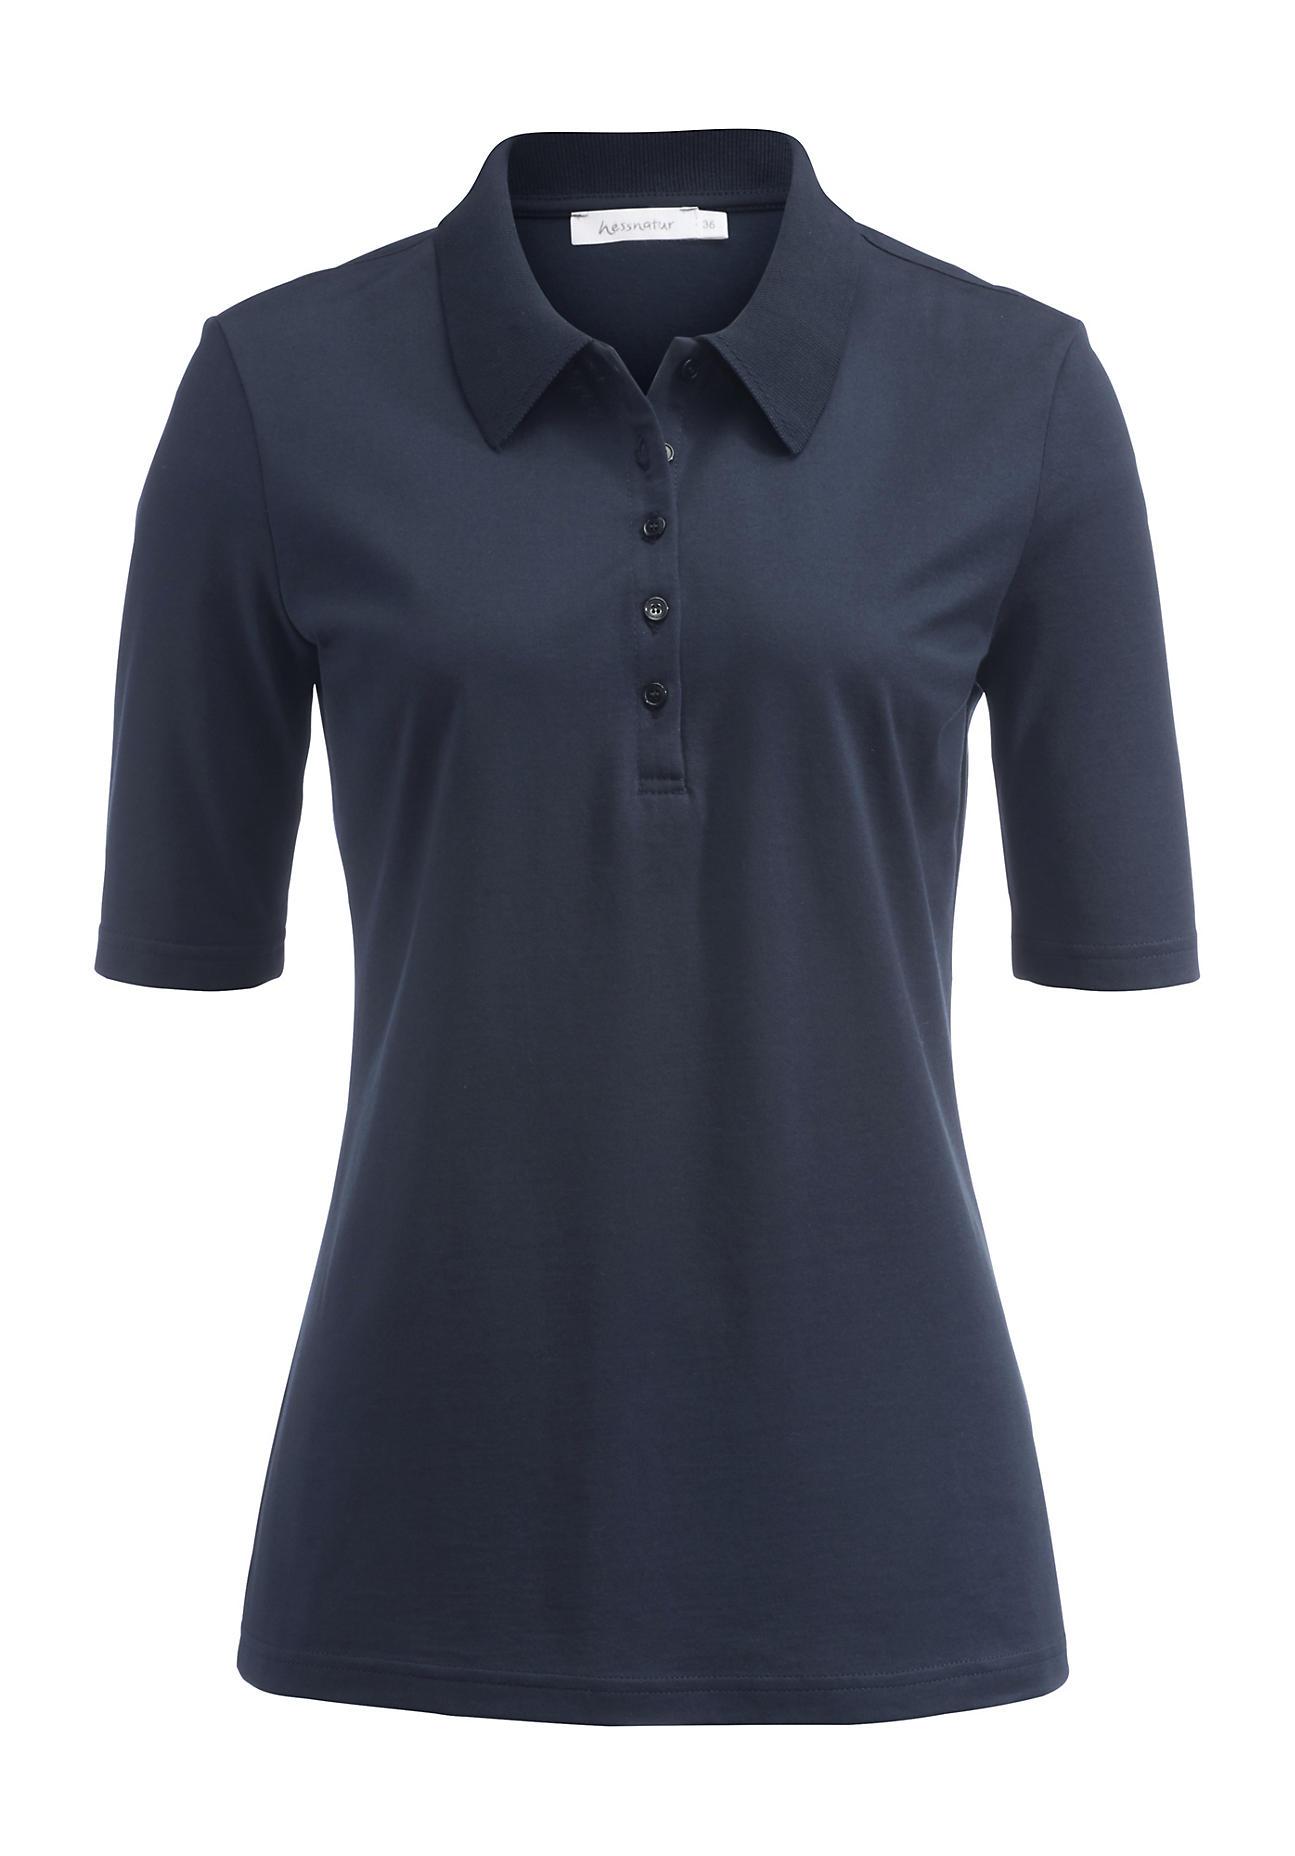 hessnatur Damen Poloshirt aus Bio-Baumwolle – blau – Größe 36